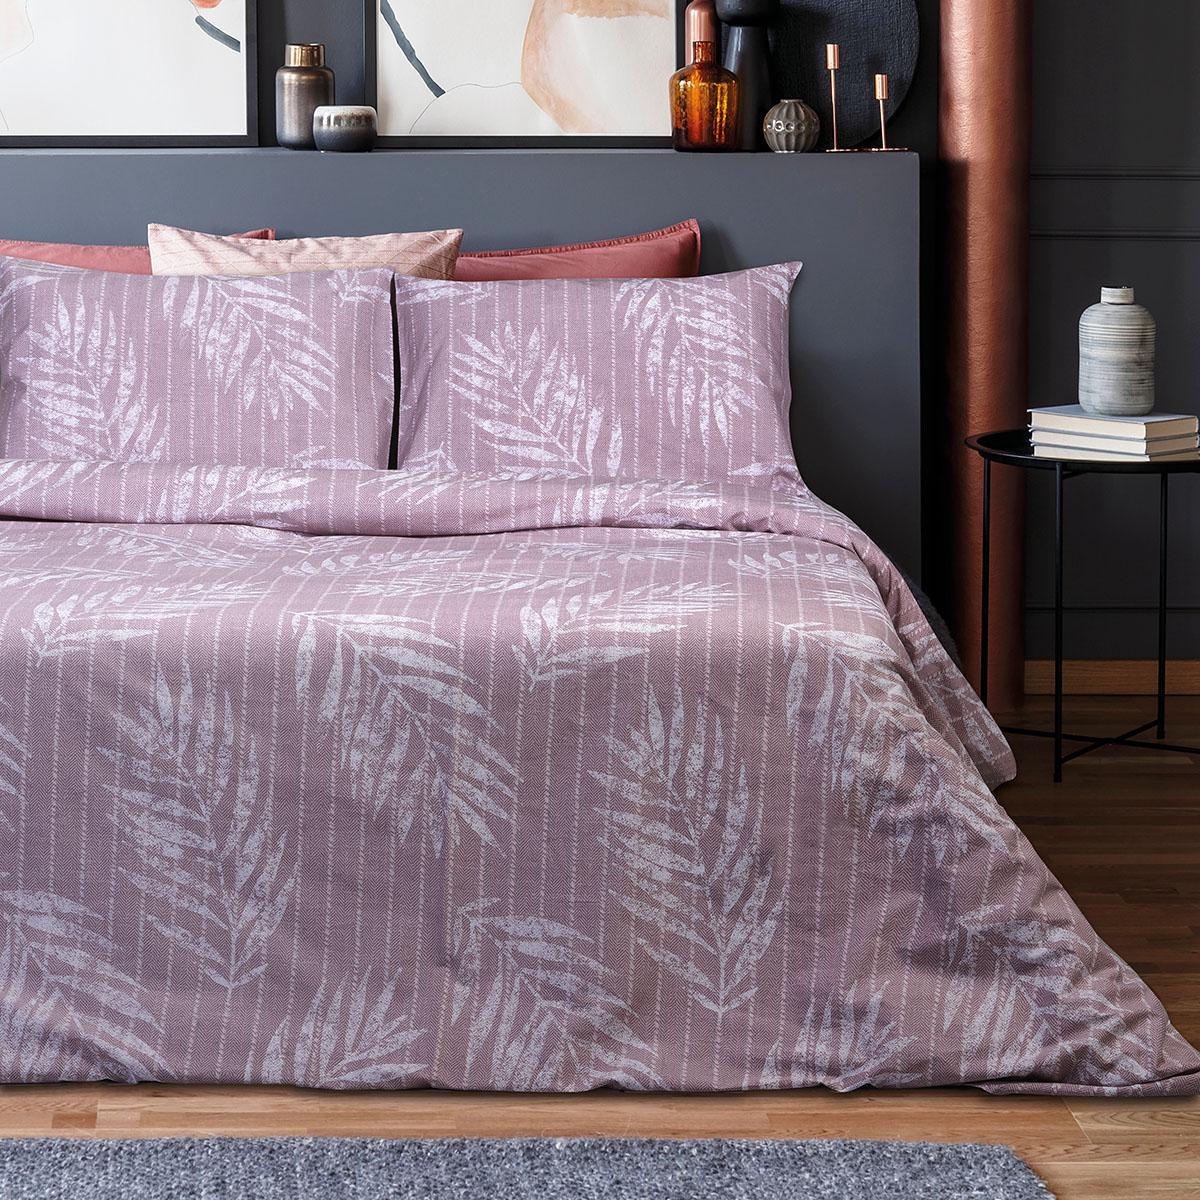 Σετ πάπλωμα υπέρδιπλο Zane Art 1967 220×240 Ροζ Beauty Home